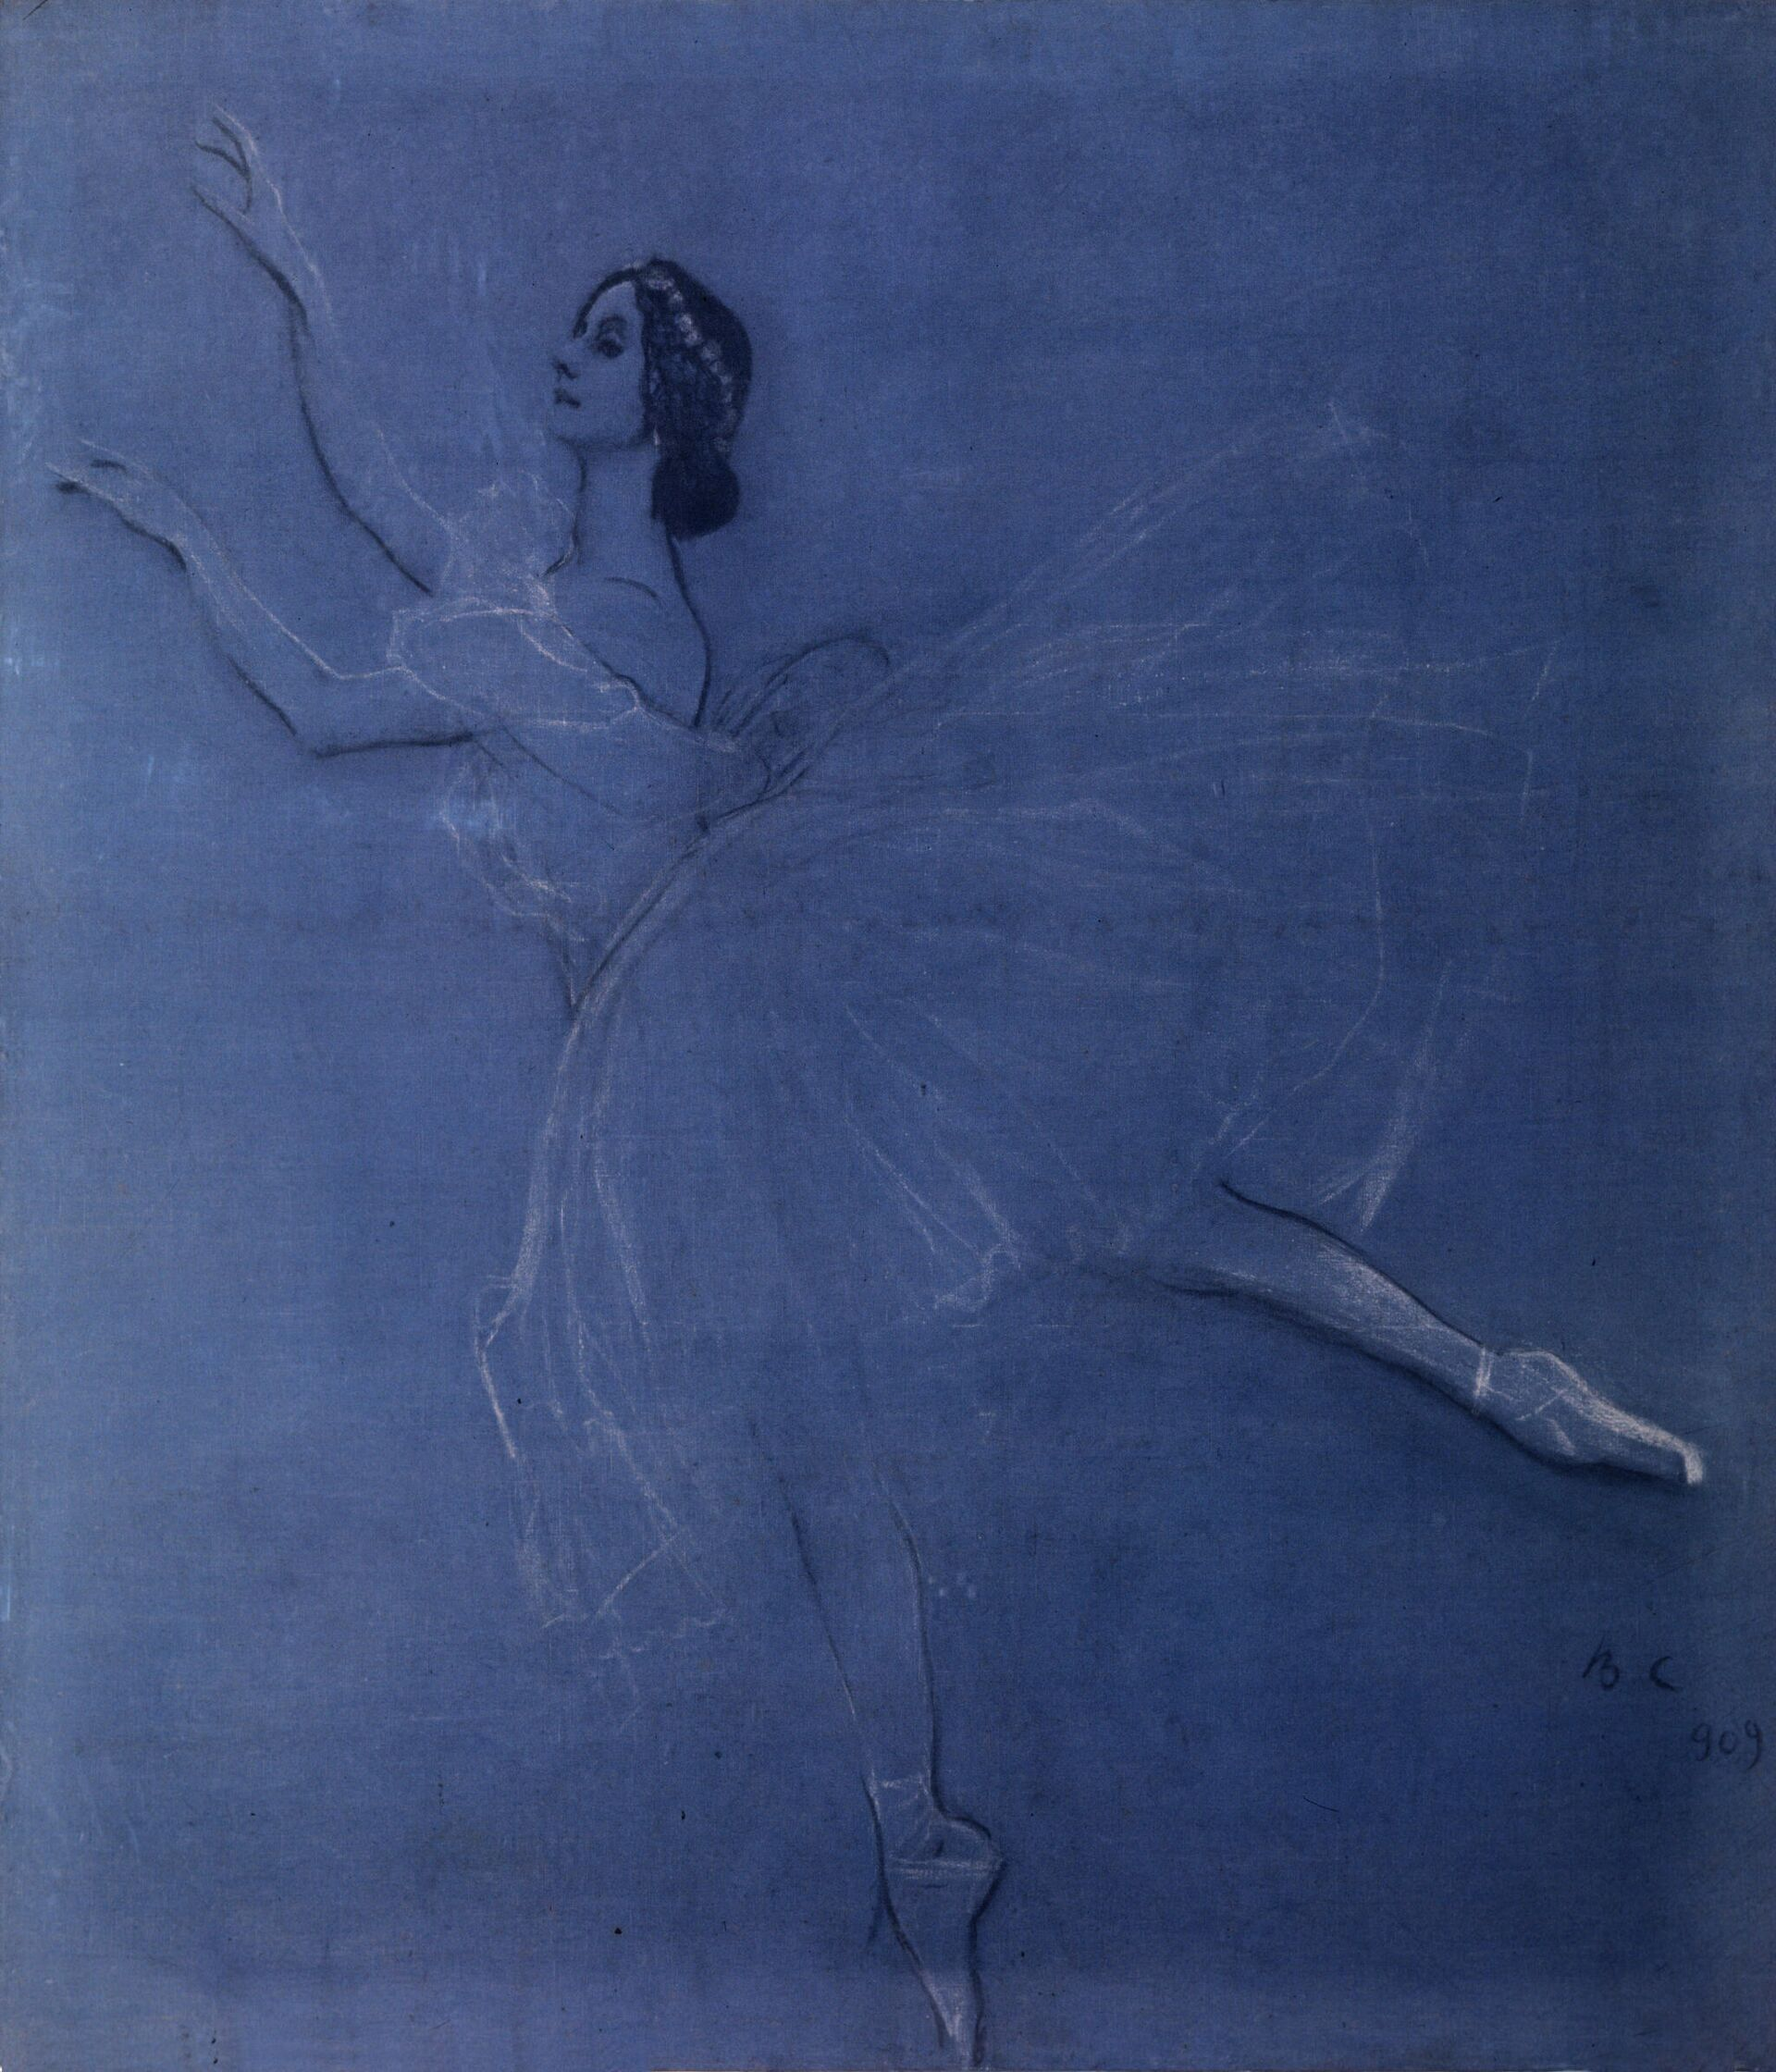 Anna Pávlova pintada por Valentín Serov - Sputnik Mundo, 1920, 12.02.2021